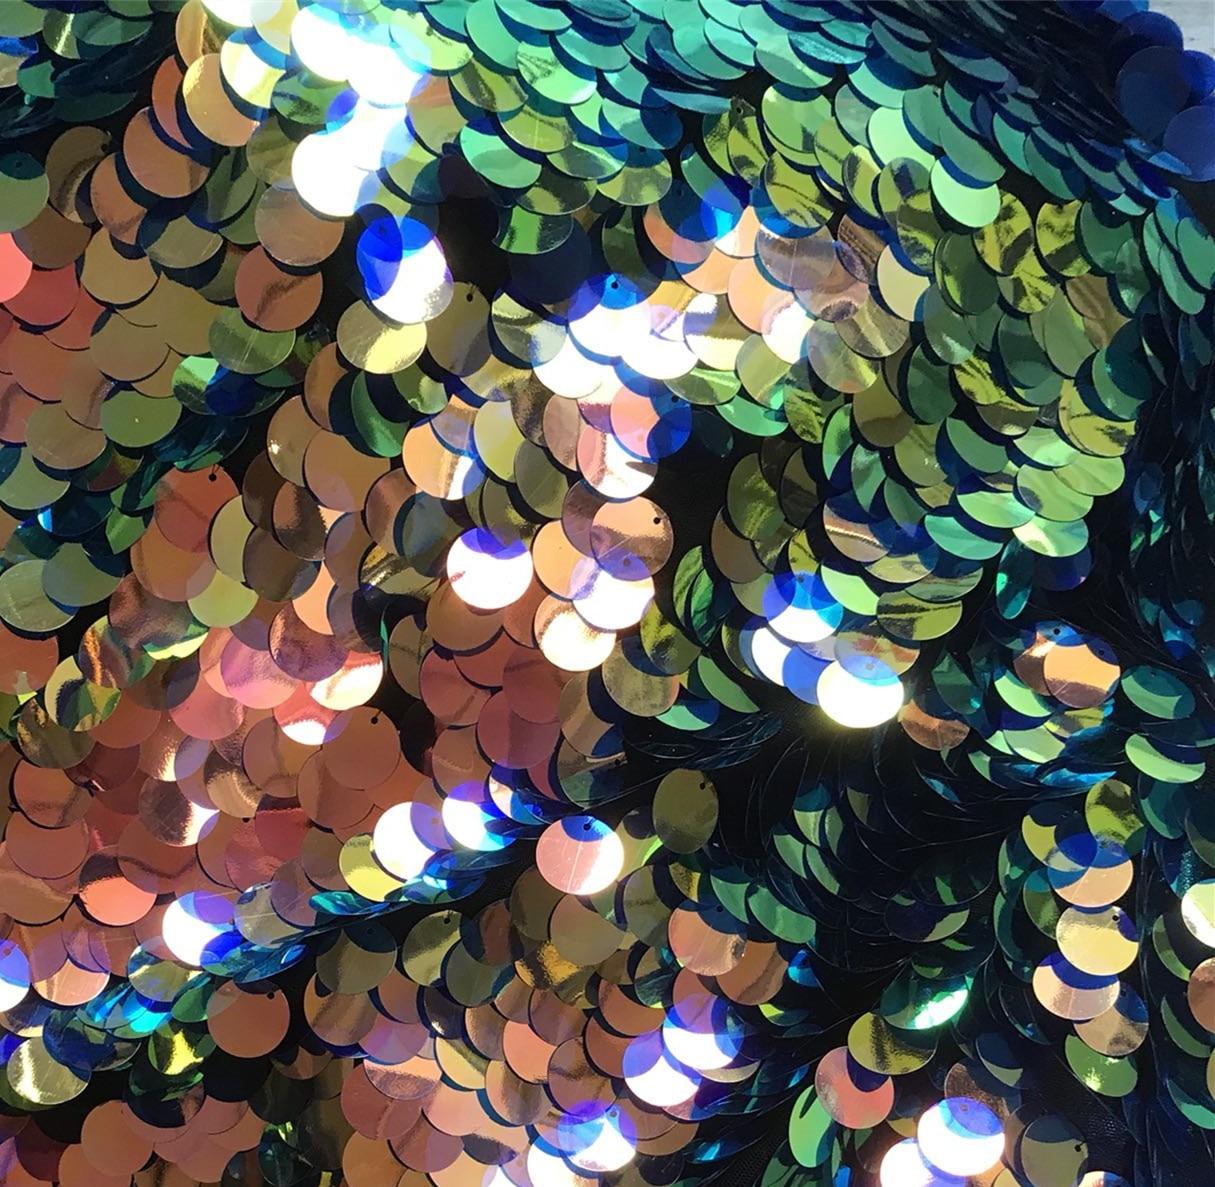 Laser or couleur magique vert violet grandes paillettes tissu écailles de poisson danse latine matériel de robe par yard Style sirène 2018